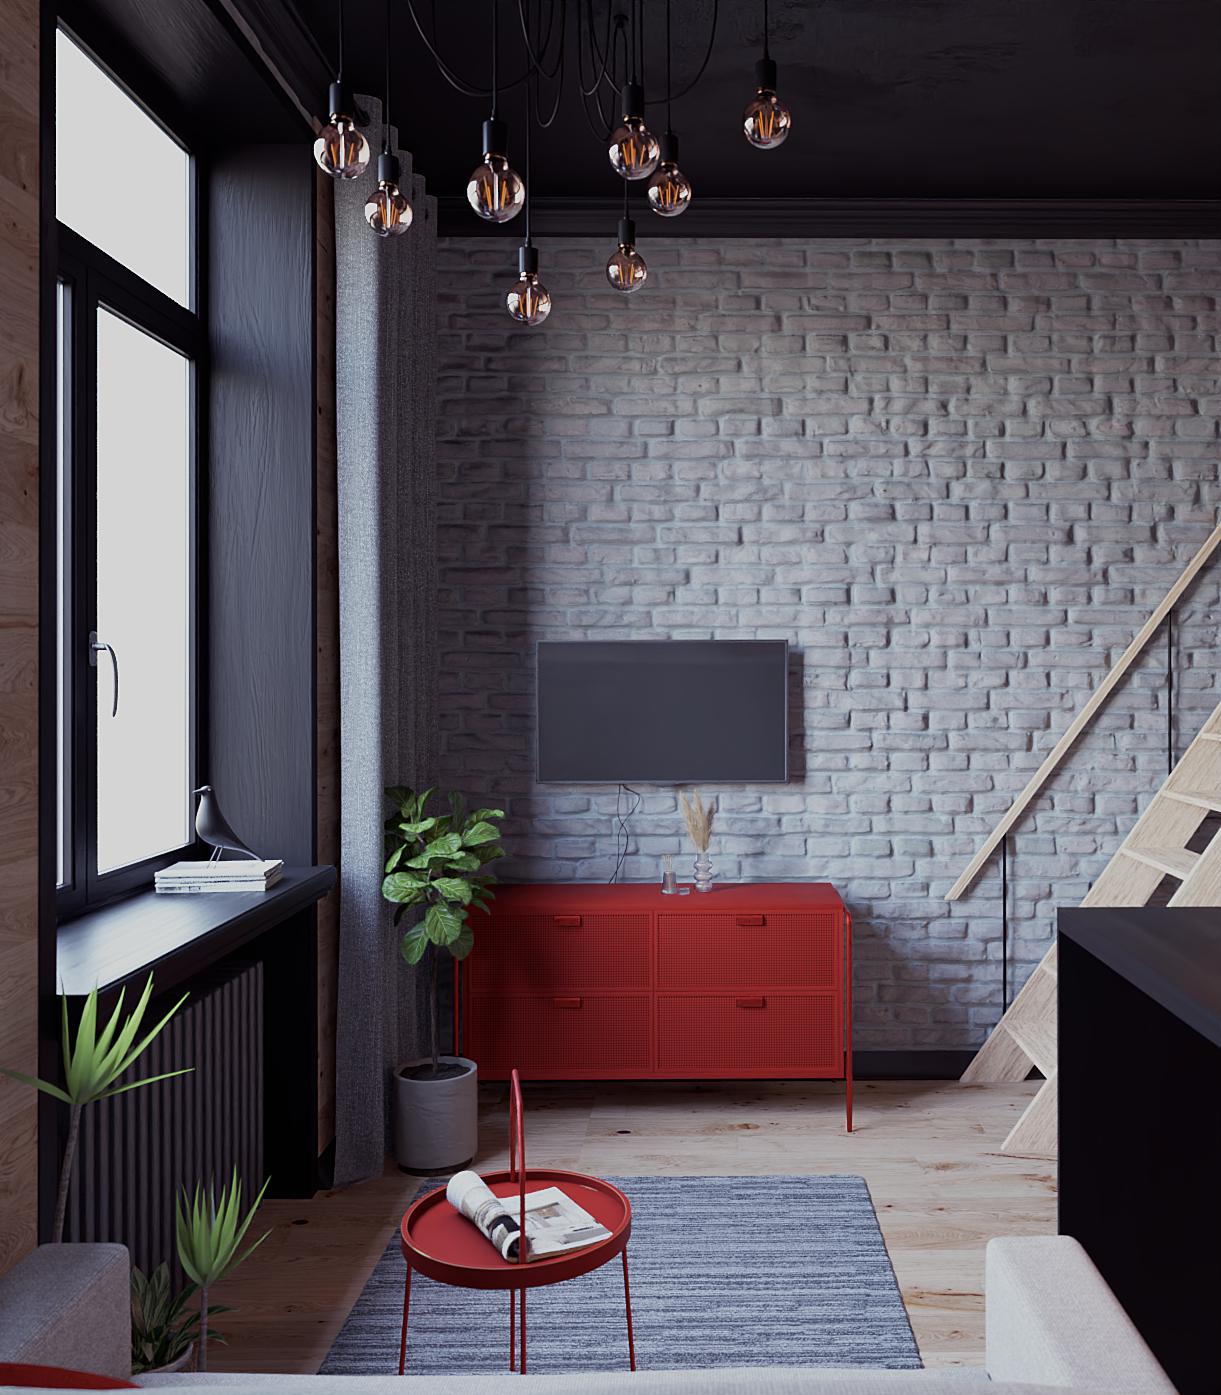 Loft Studio 18m in Blender cycles render image